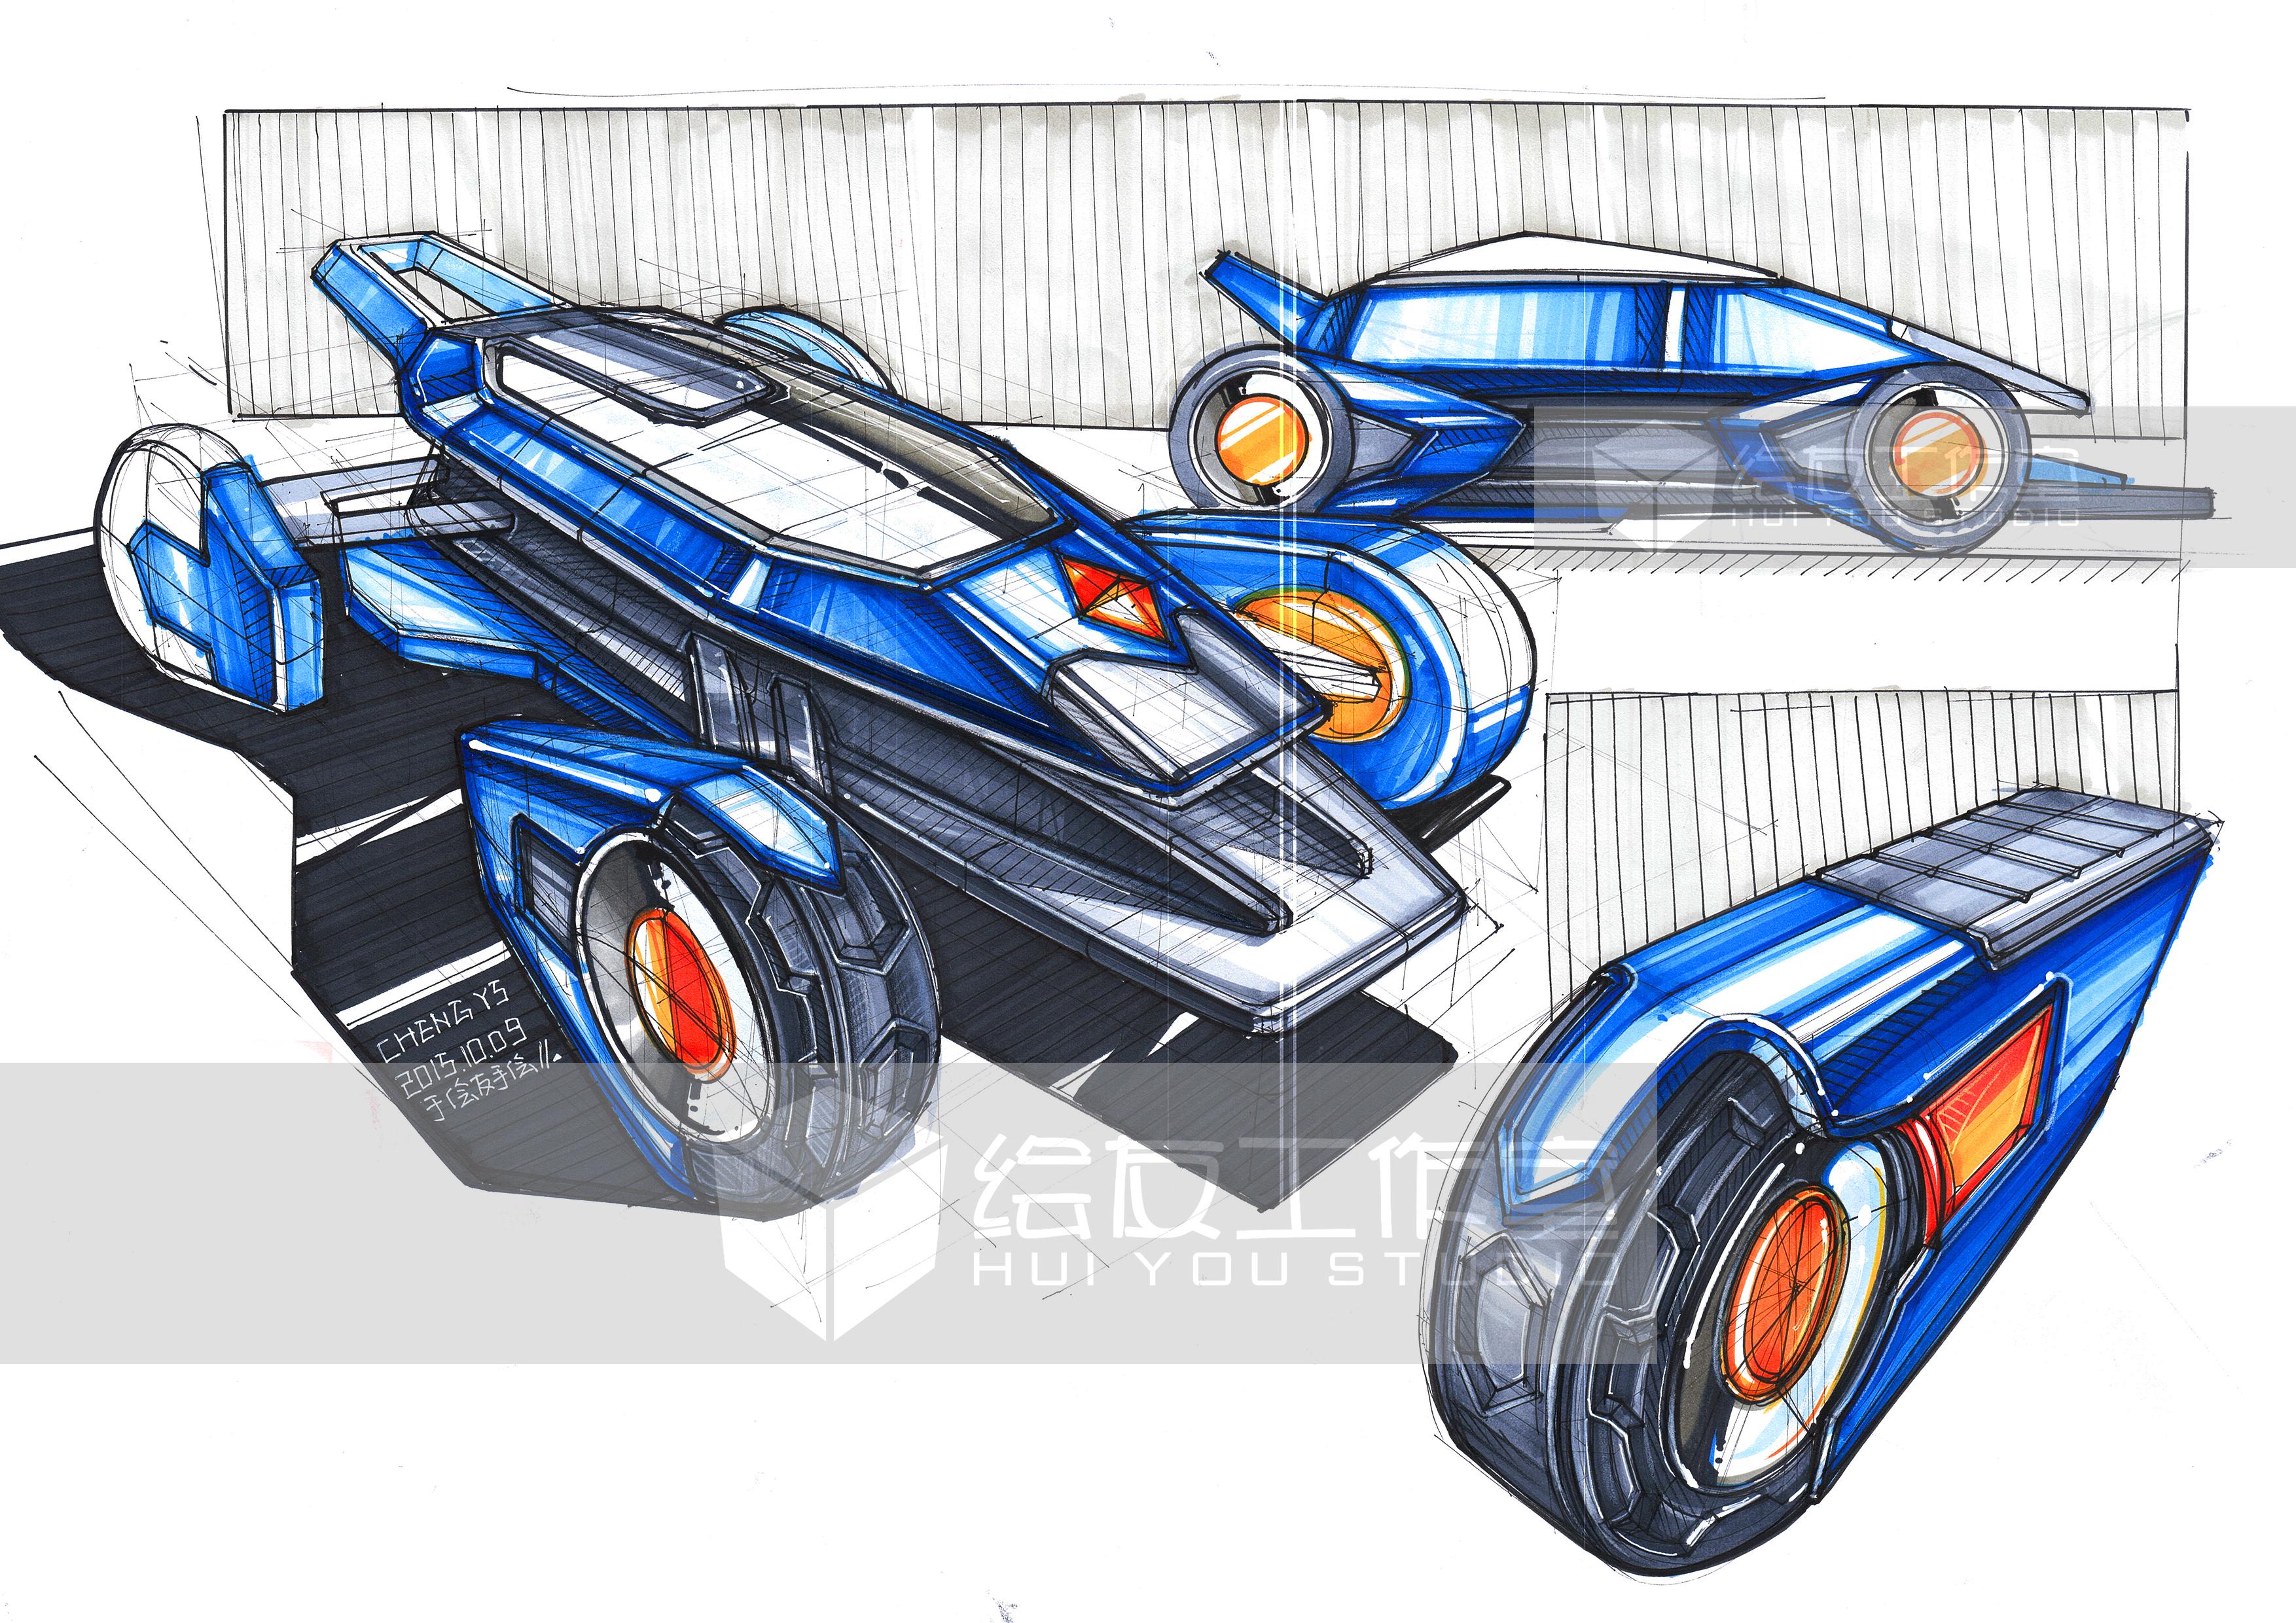 工业设计产品手绘之概念车手绘图|工业/产品|交通工具